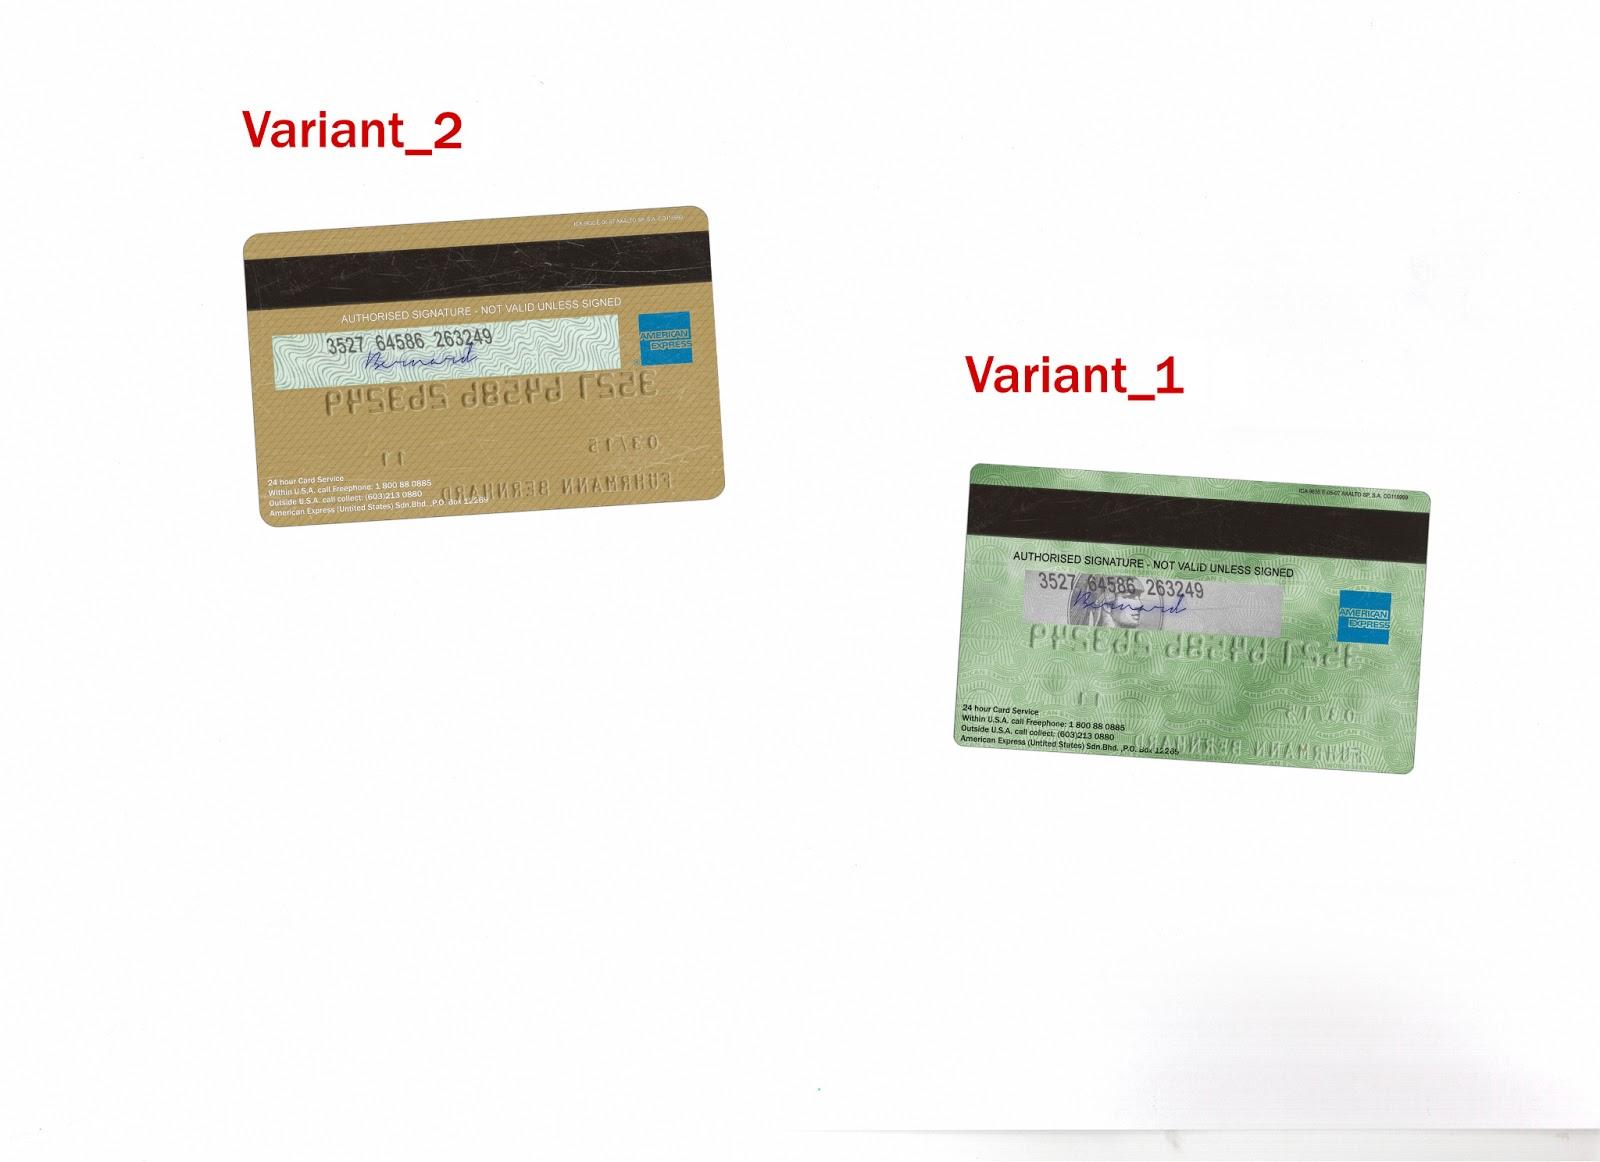 Security Bank Credit Card Bills Payment